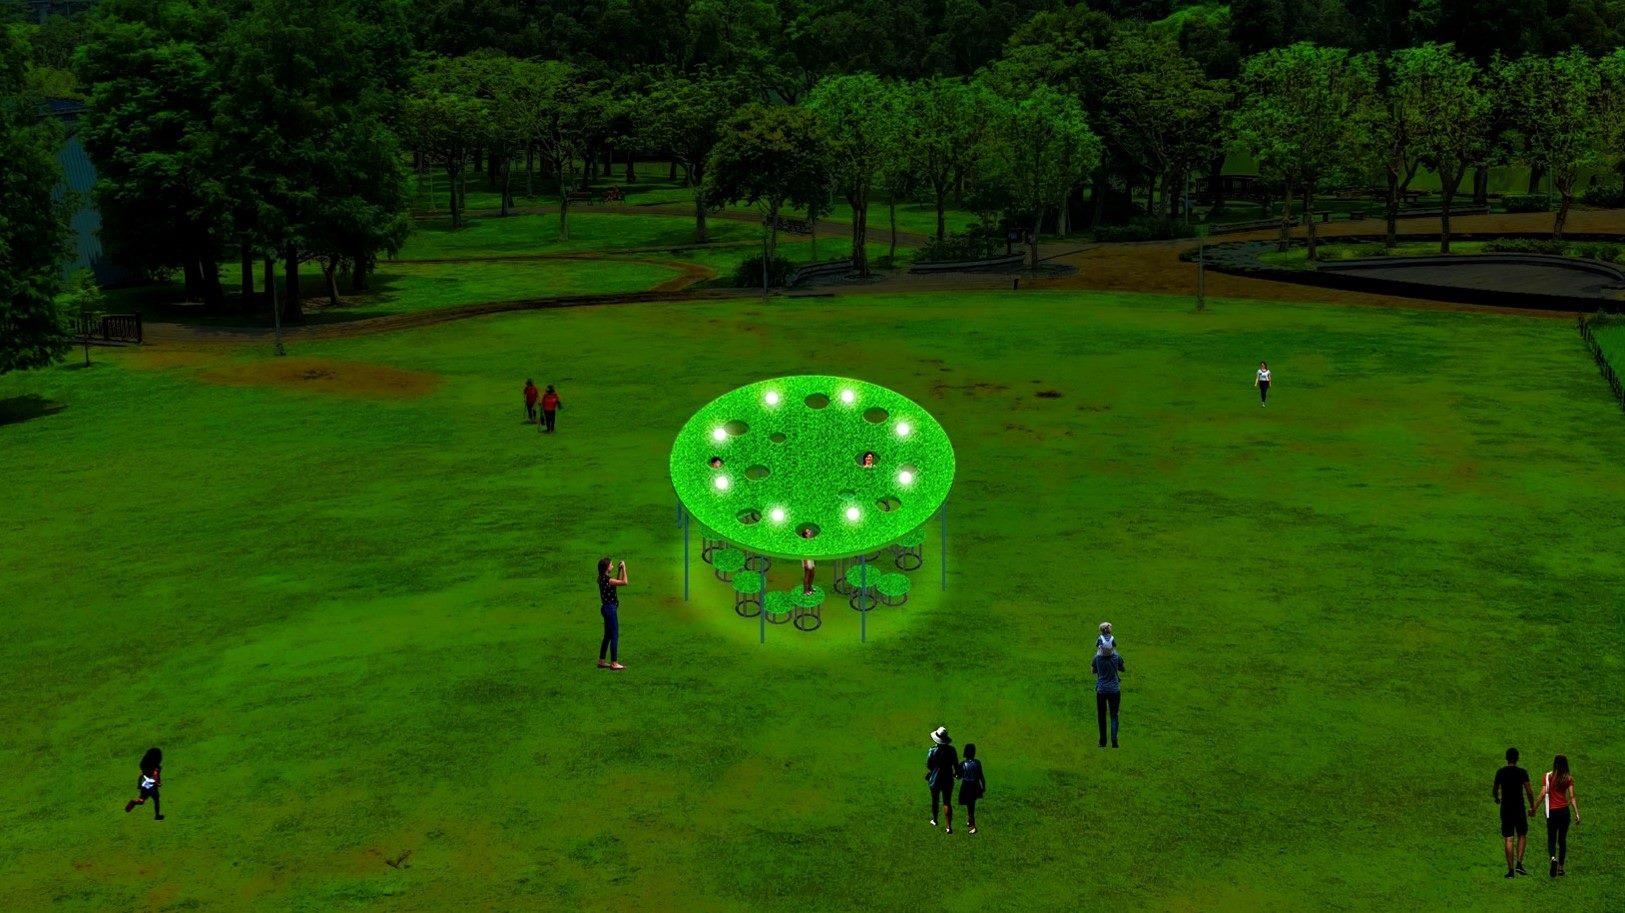 玩轉臺北 7大裝置好玩又好拍 各區活動熱鬧接連登場